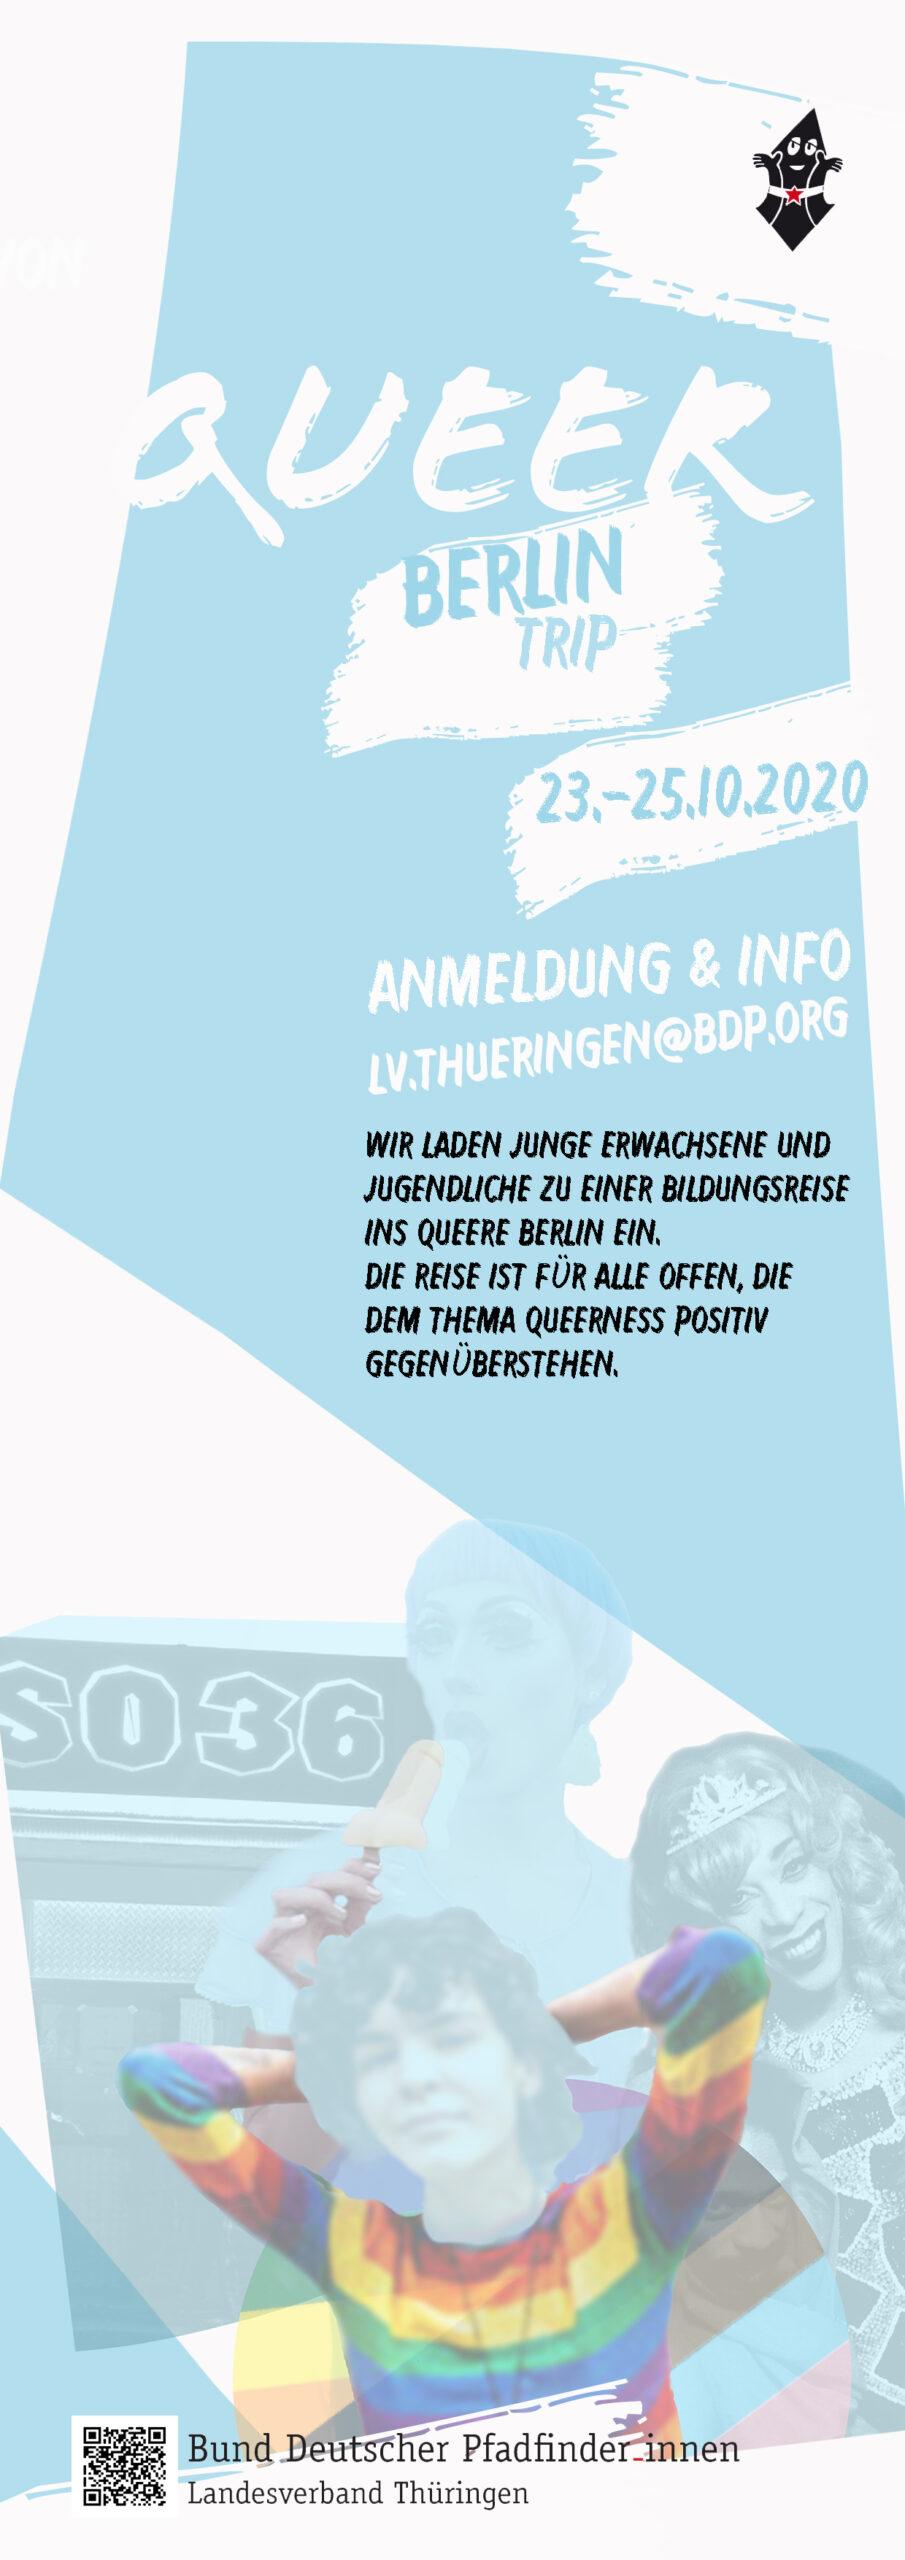 Flyer für Queer Berlin-Bildungsreise